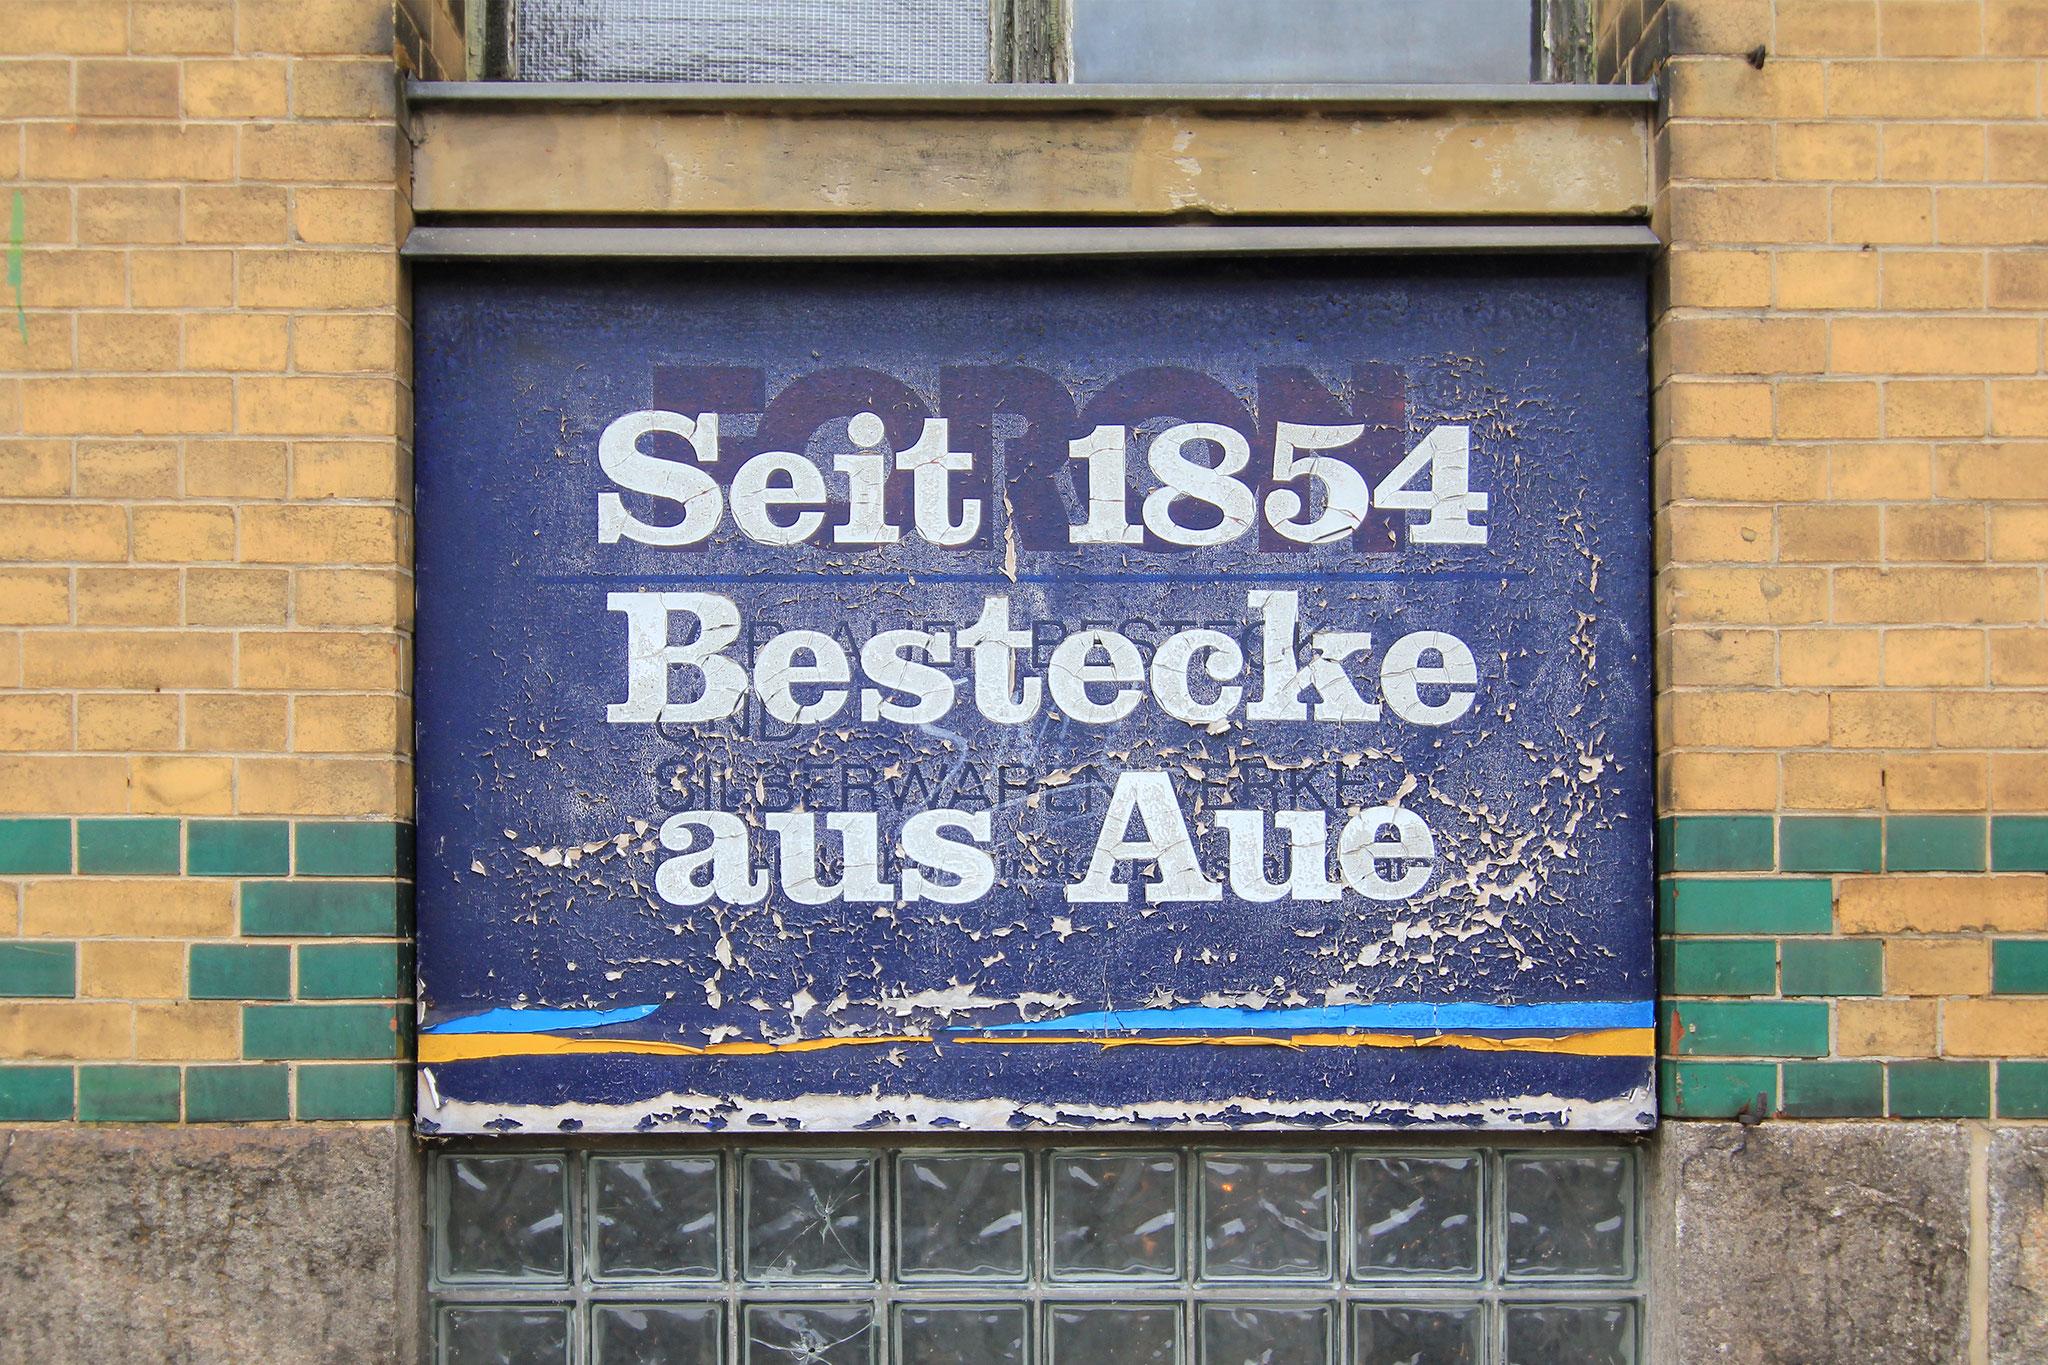 Besteckfabrik Wellner /ABS Aue